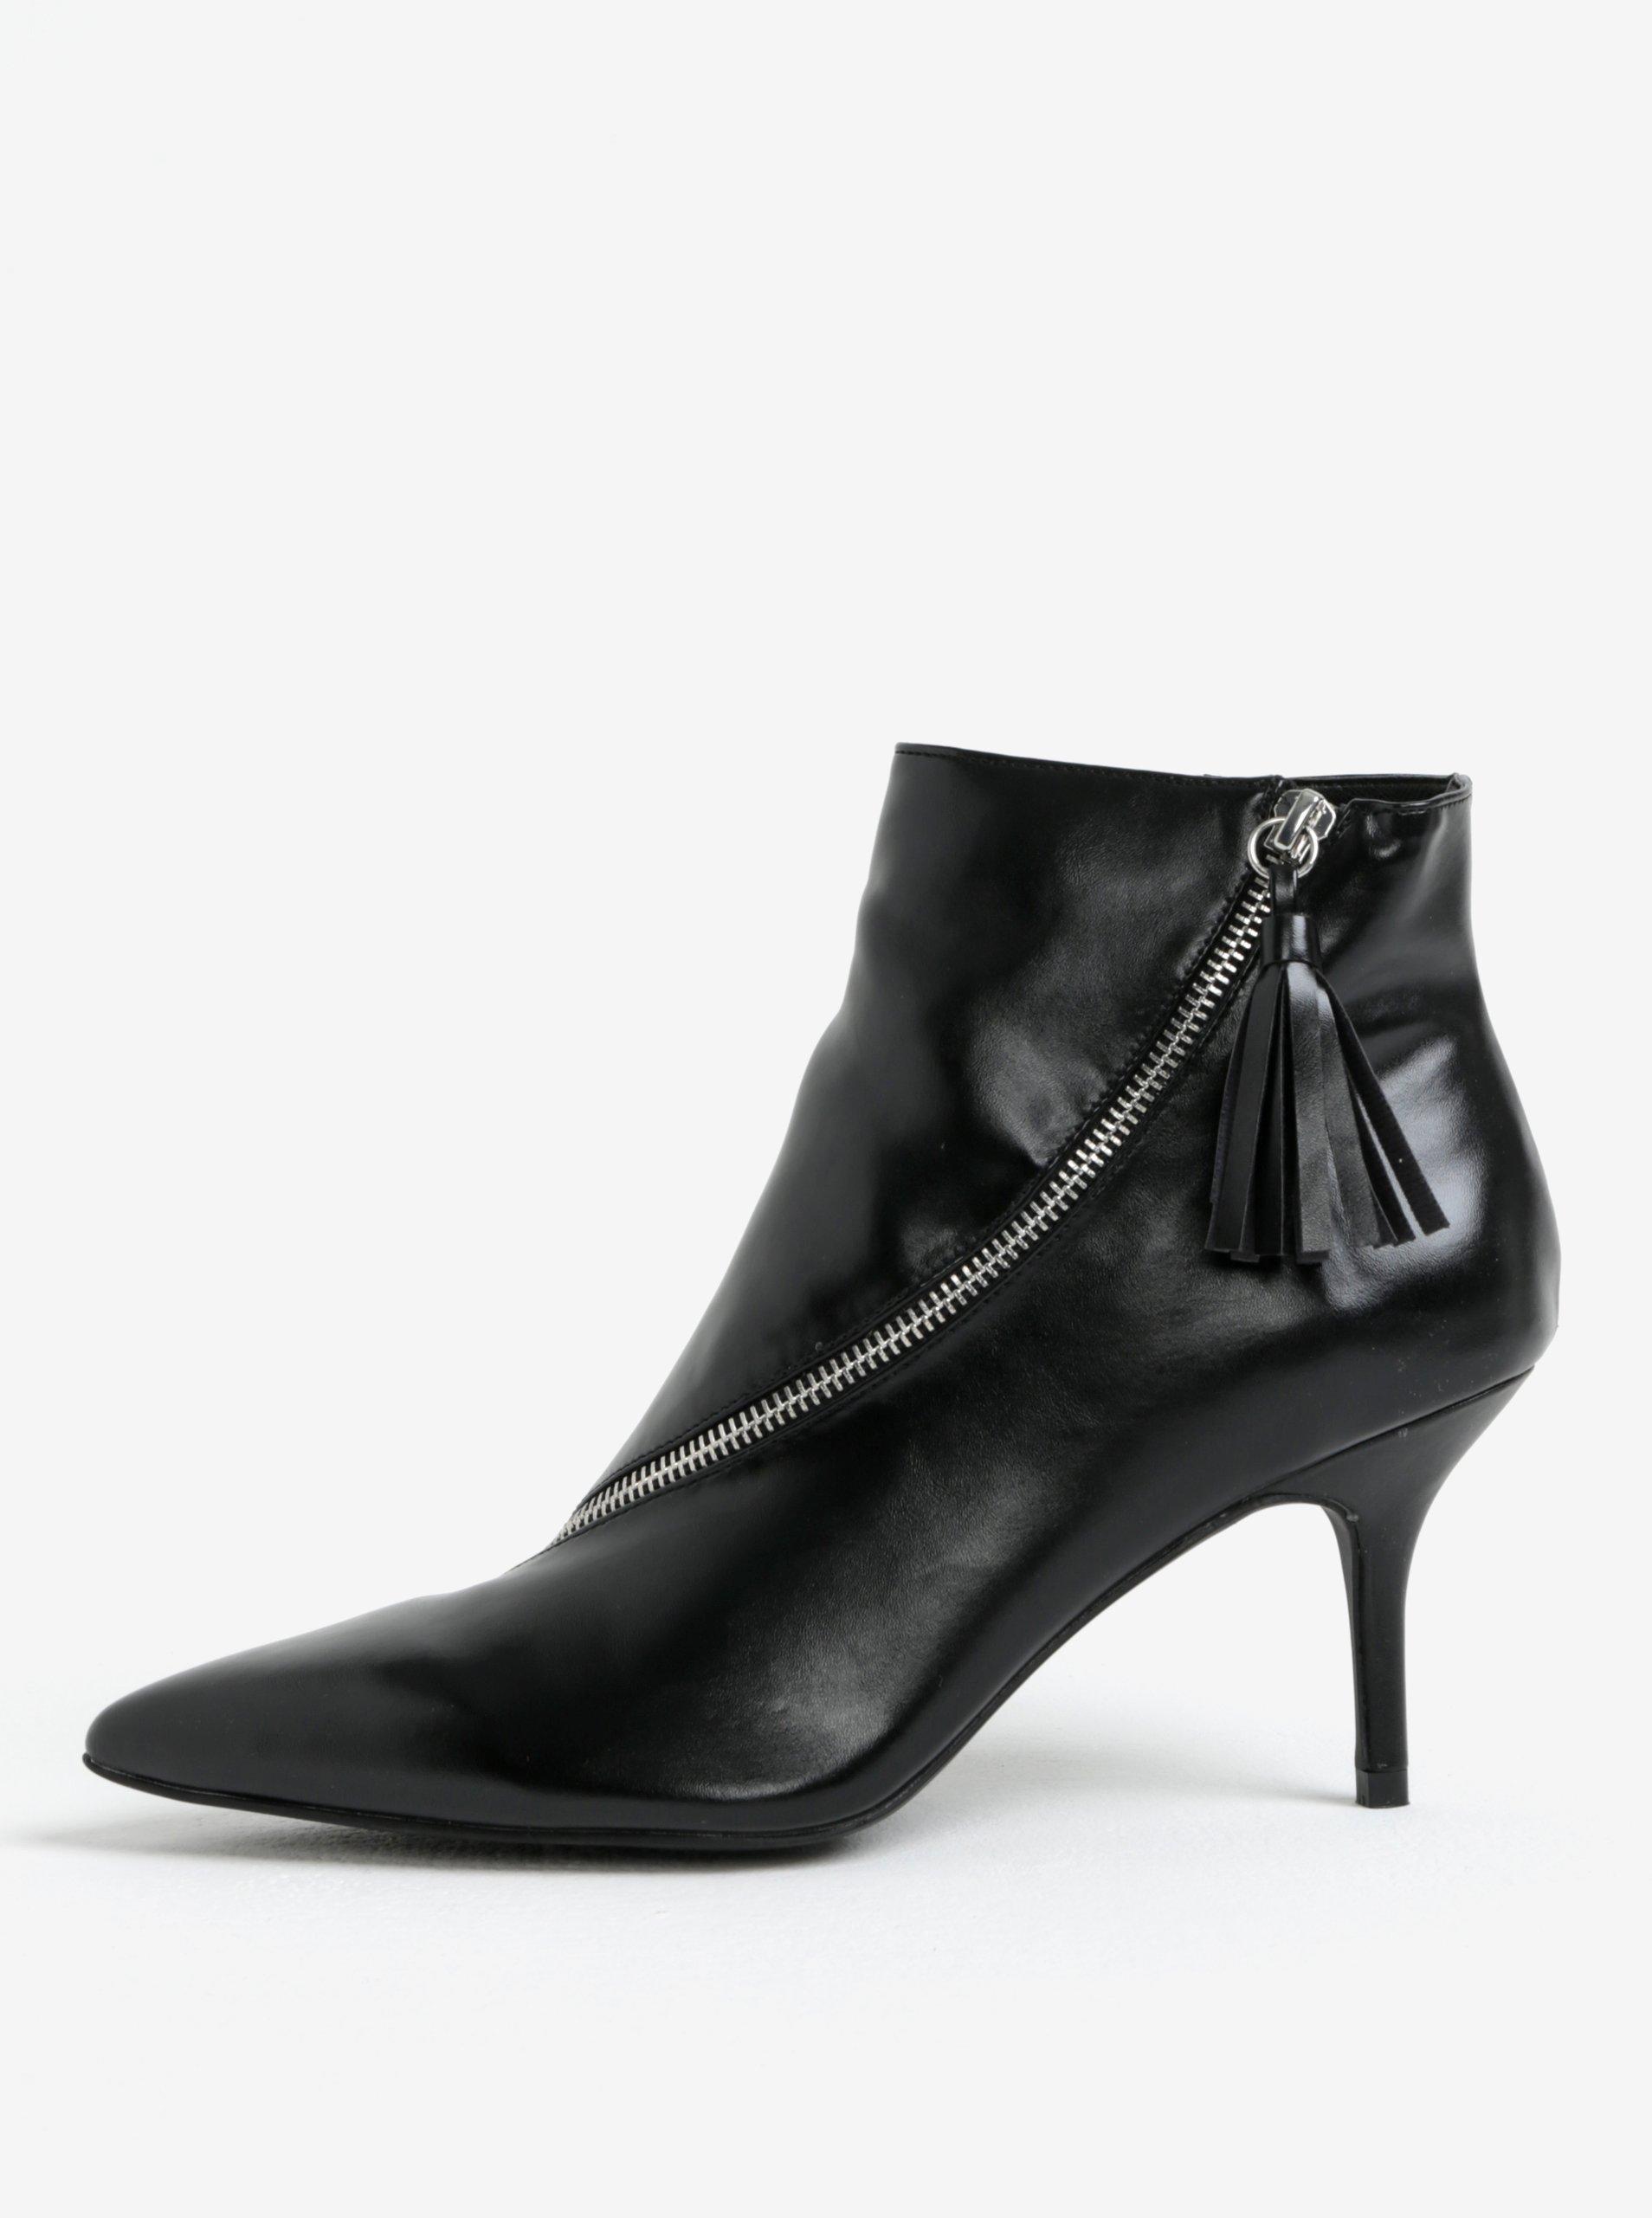 3fc5315a3 Čierne členkové topánky na ihličkovom podpätku MISSGUIDED | Moda.sk